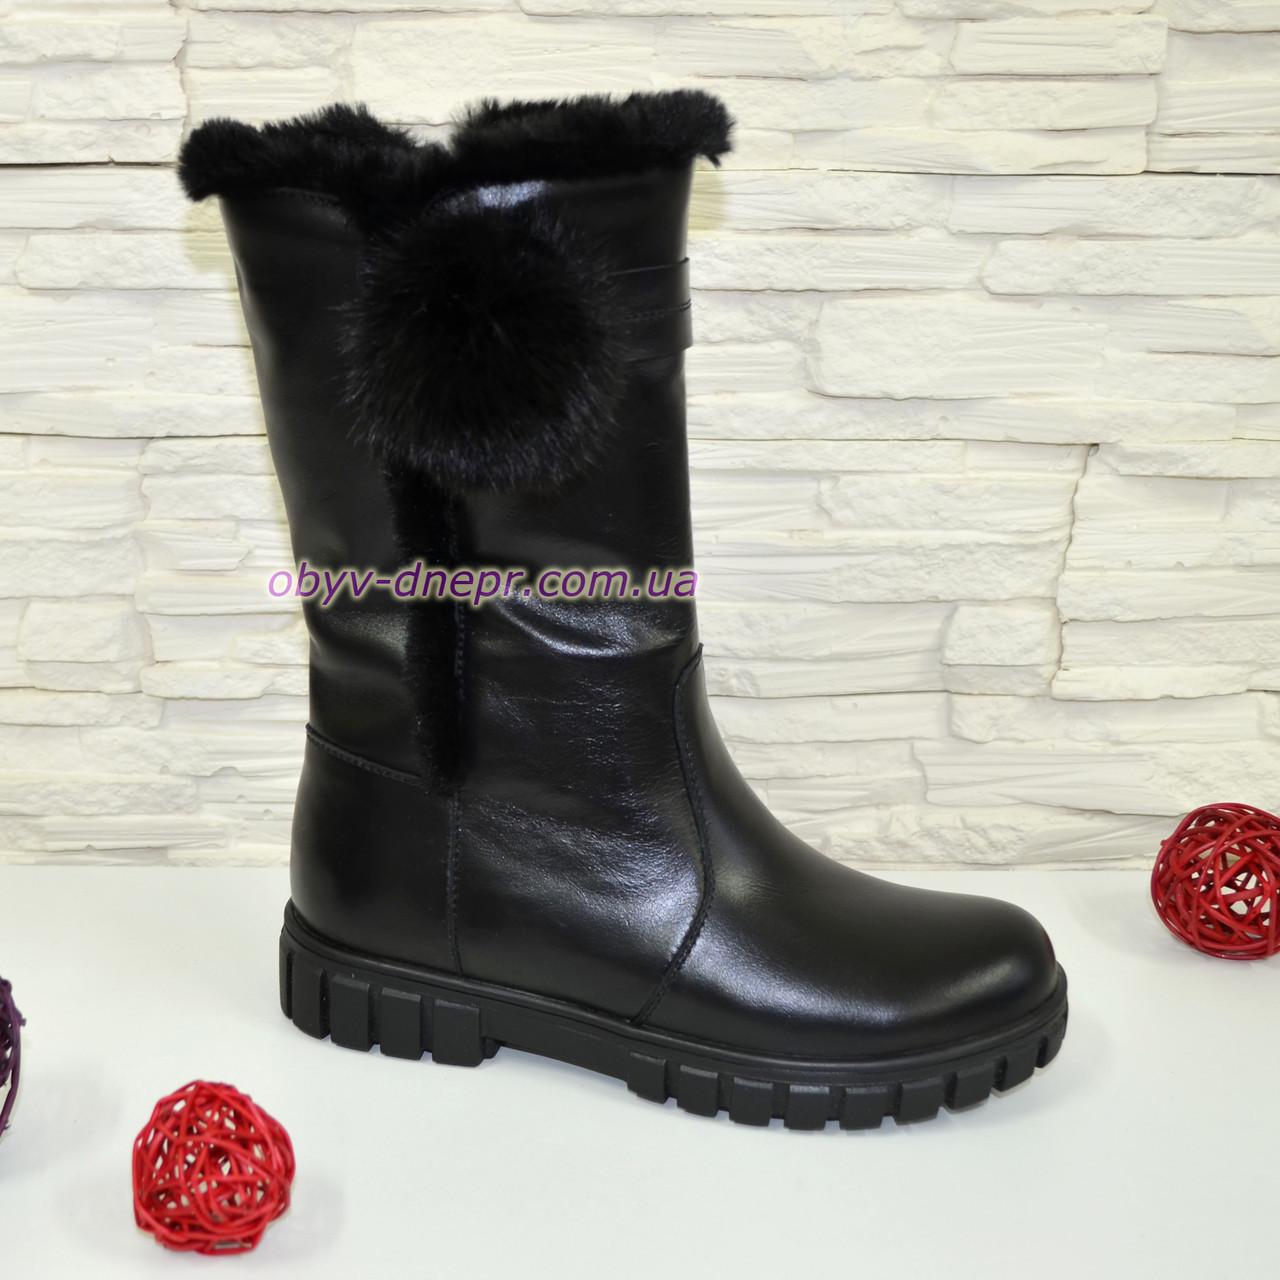 fd2eeed4e Полусапоги черные кожаные для девочек подростковые на утолщённой подошве.